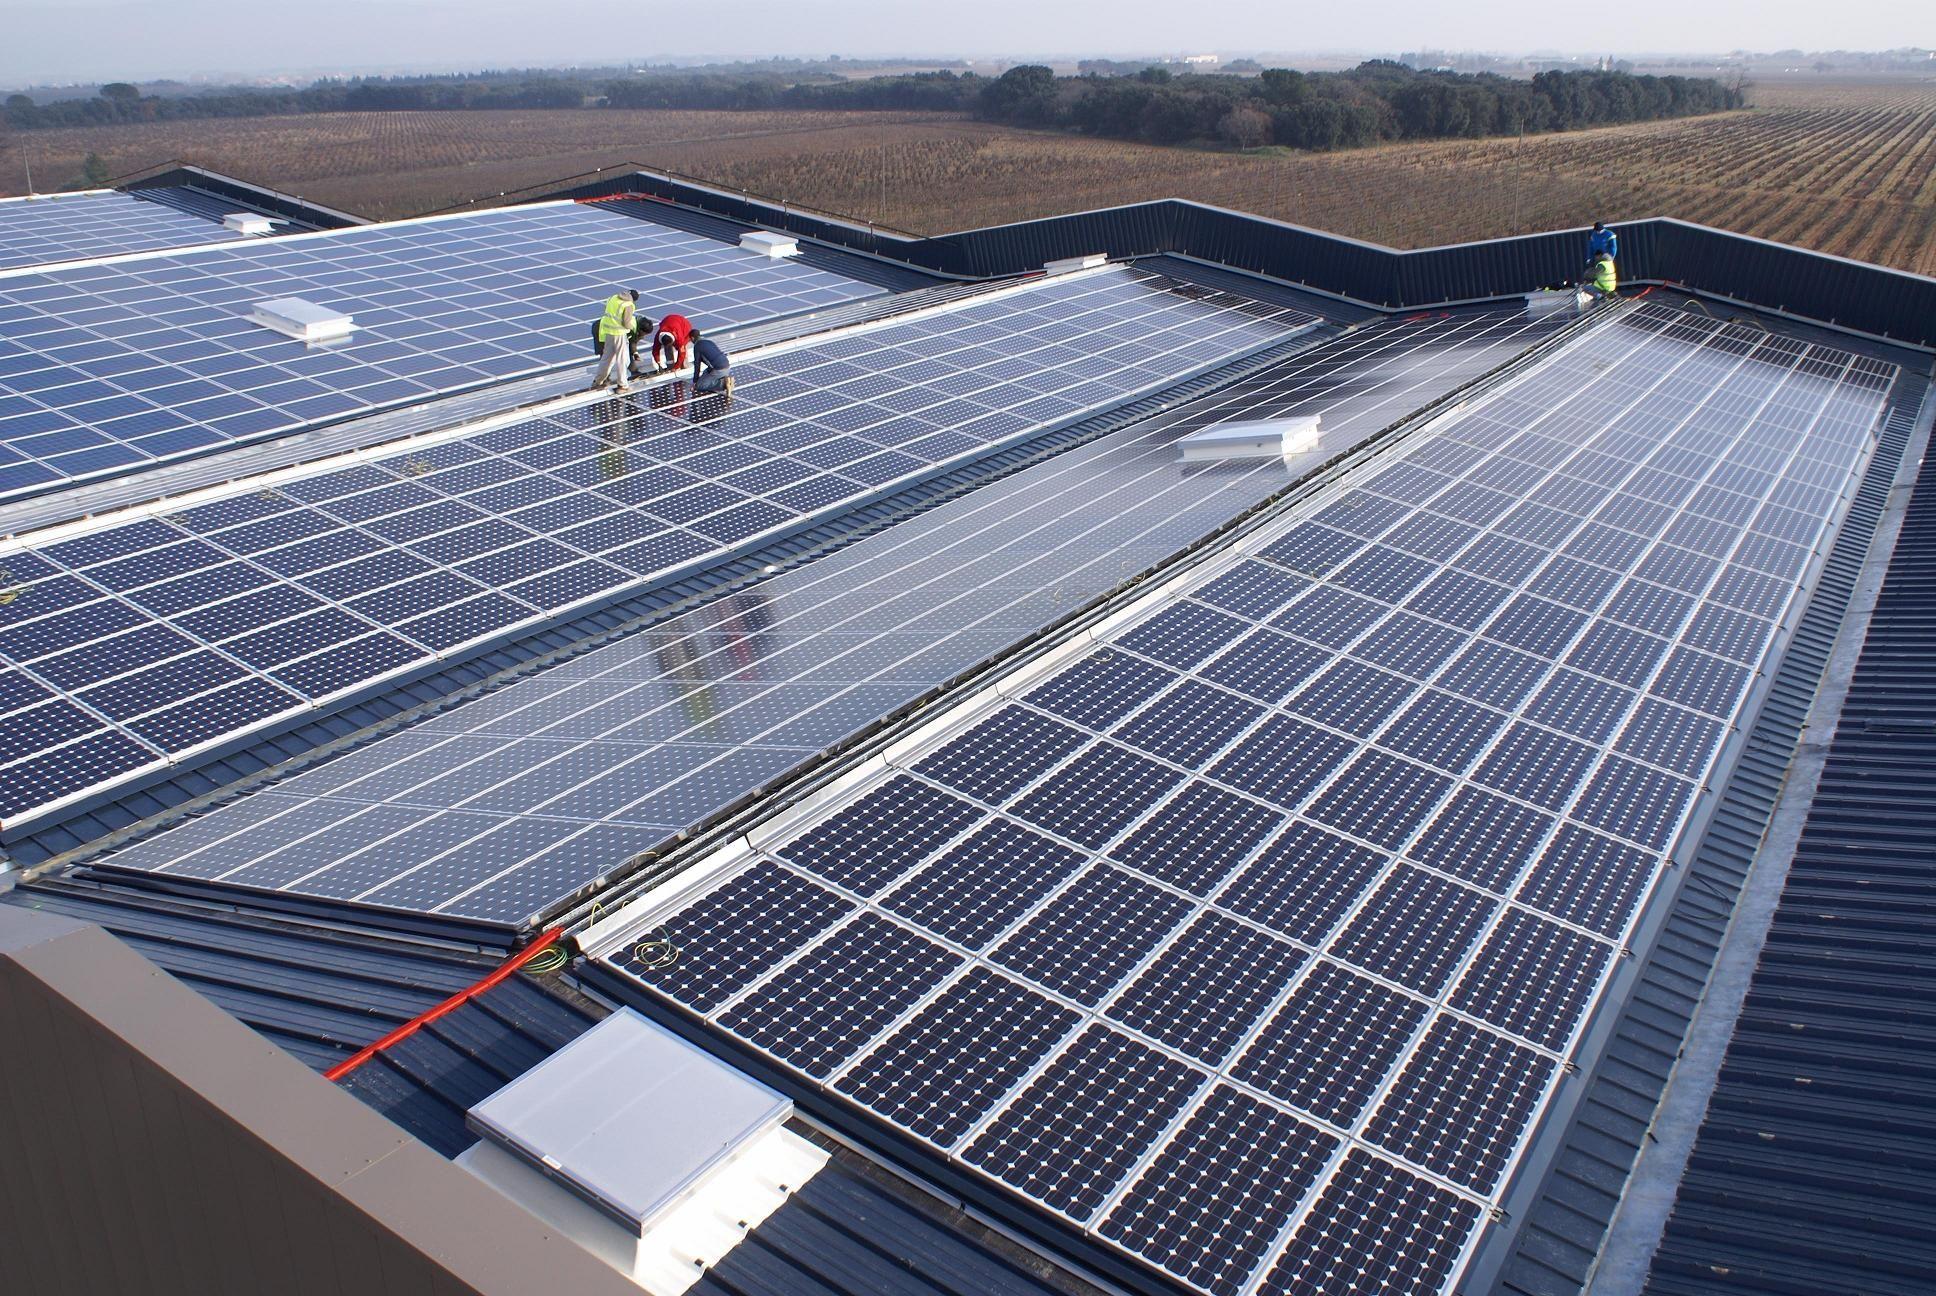 La première route solaire au monde a été inaugurée en Normandie